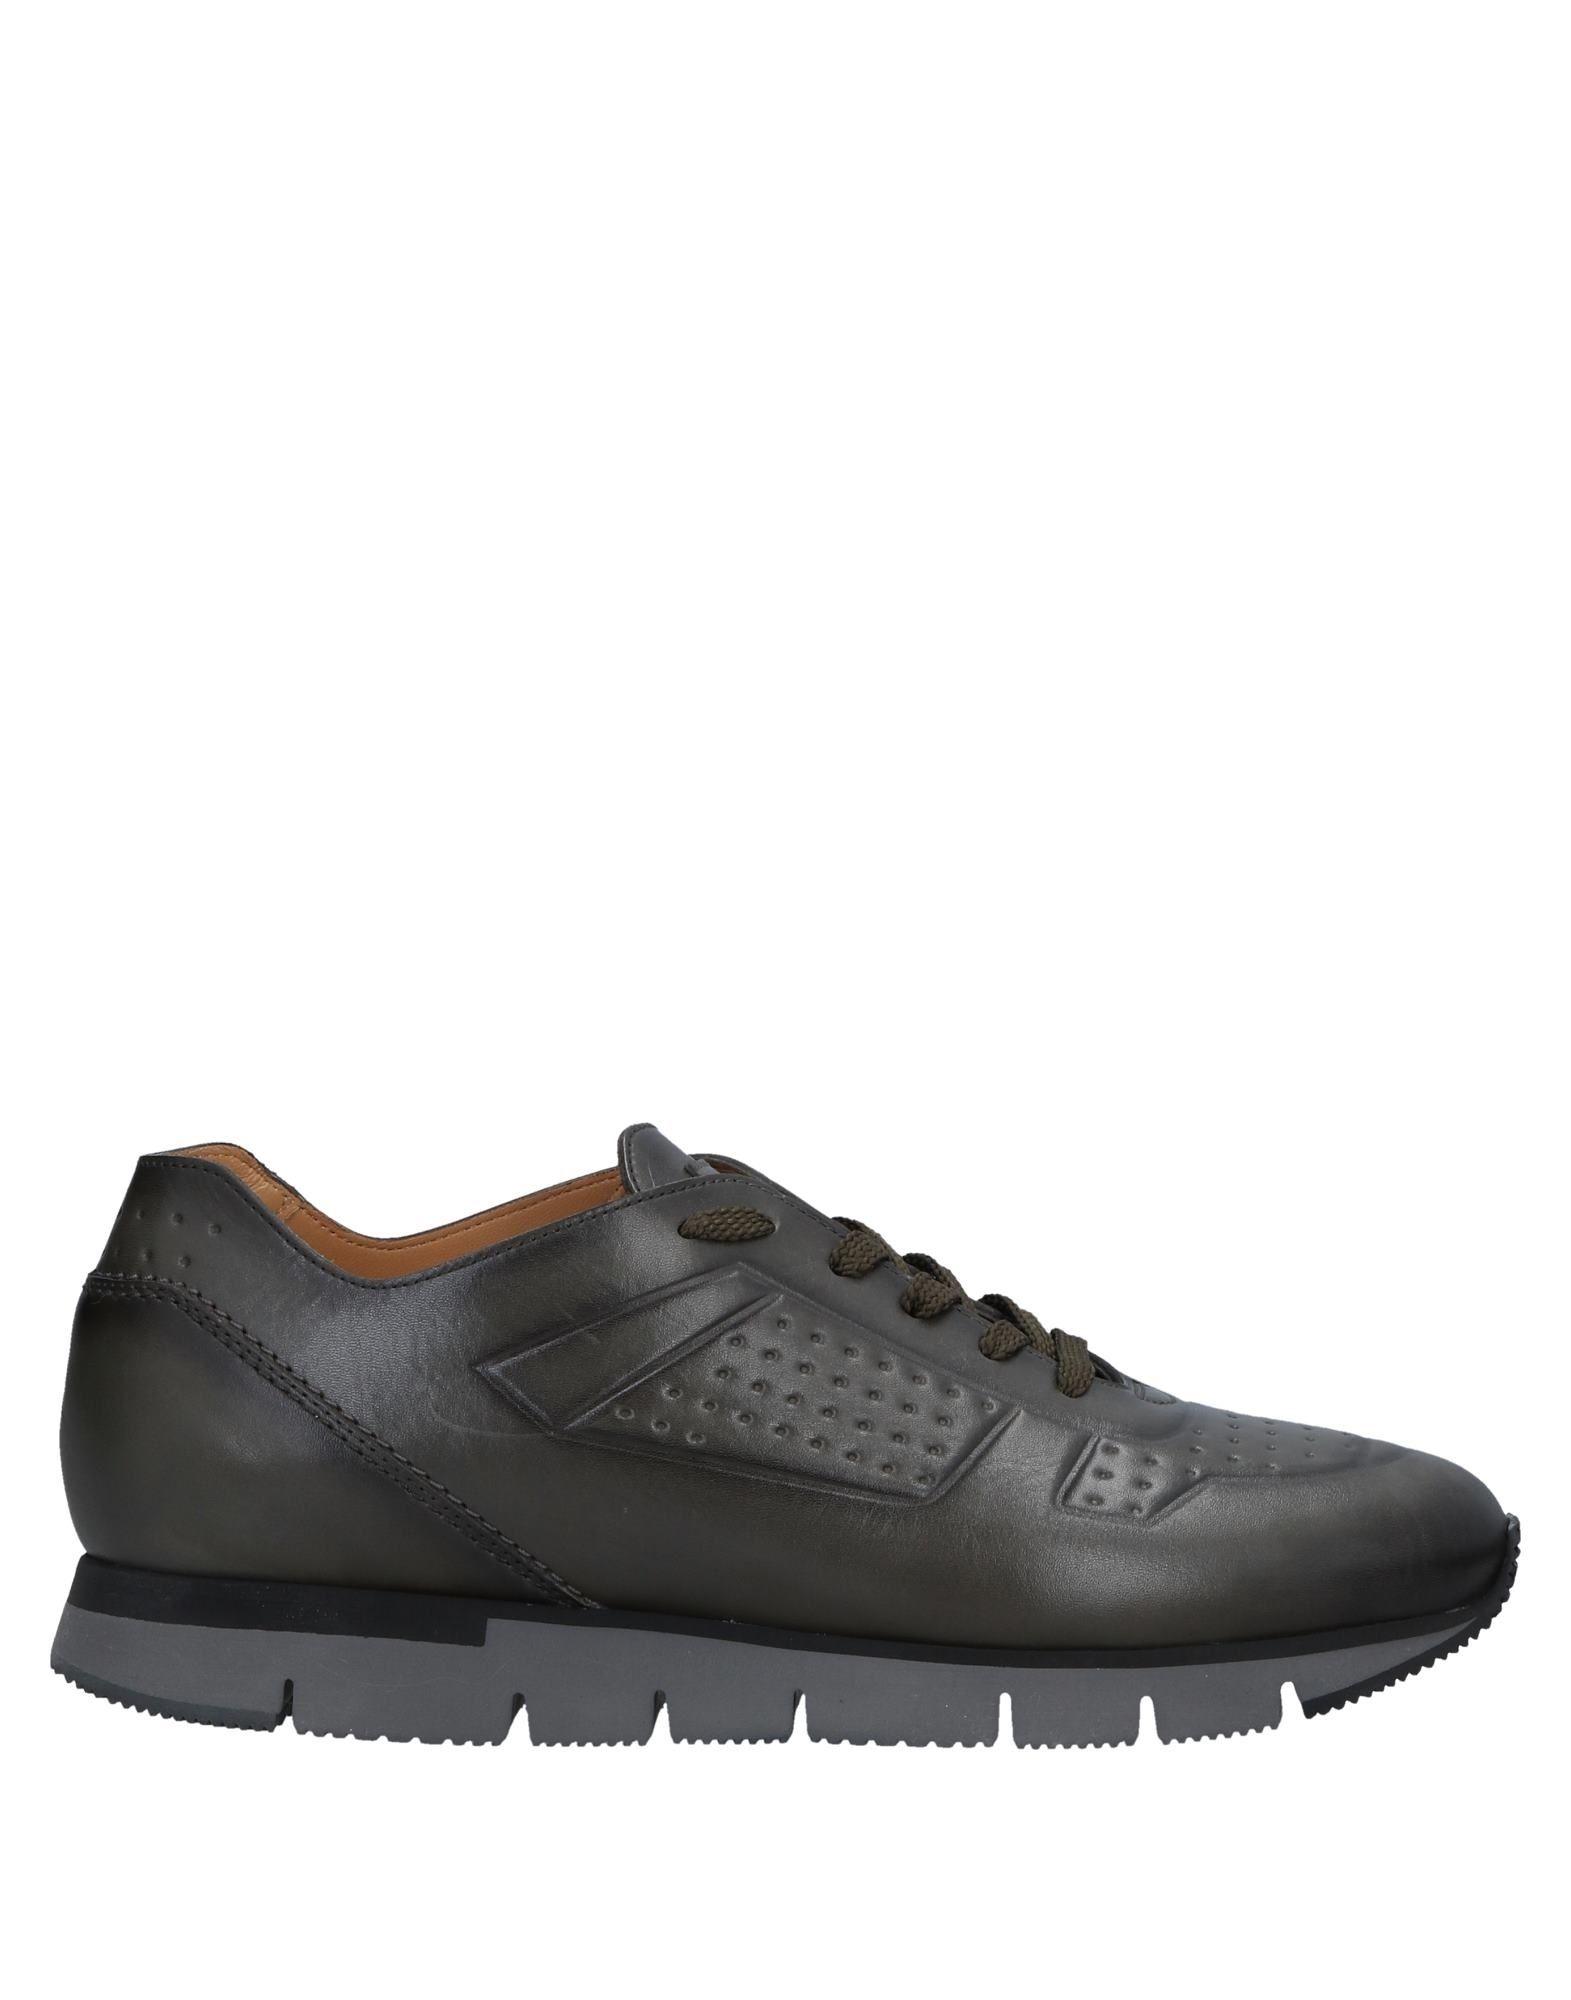 Santoni Sneakers Herren  11501252FC Gute Qualität beliebte Schuhe